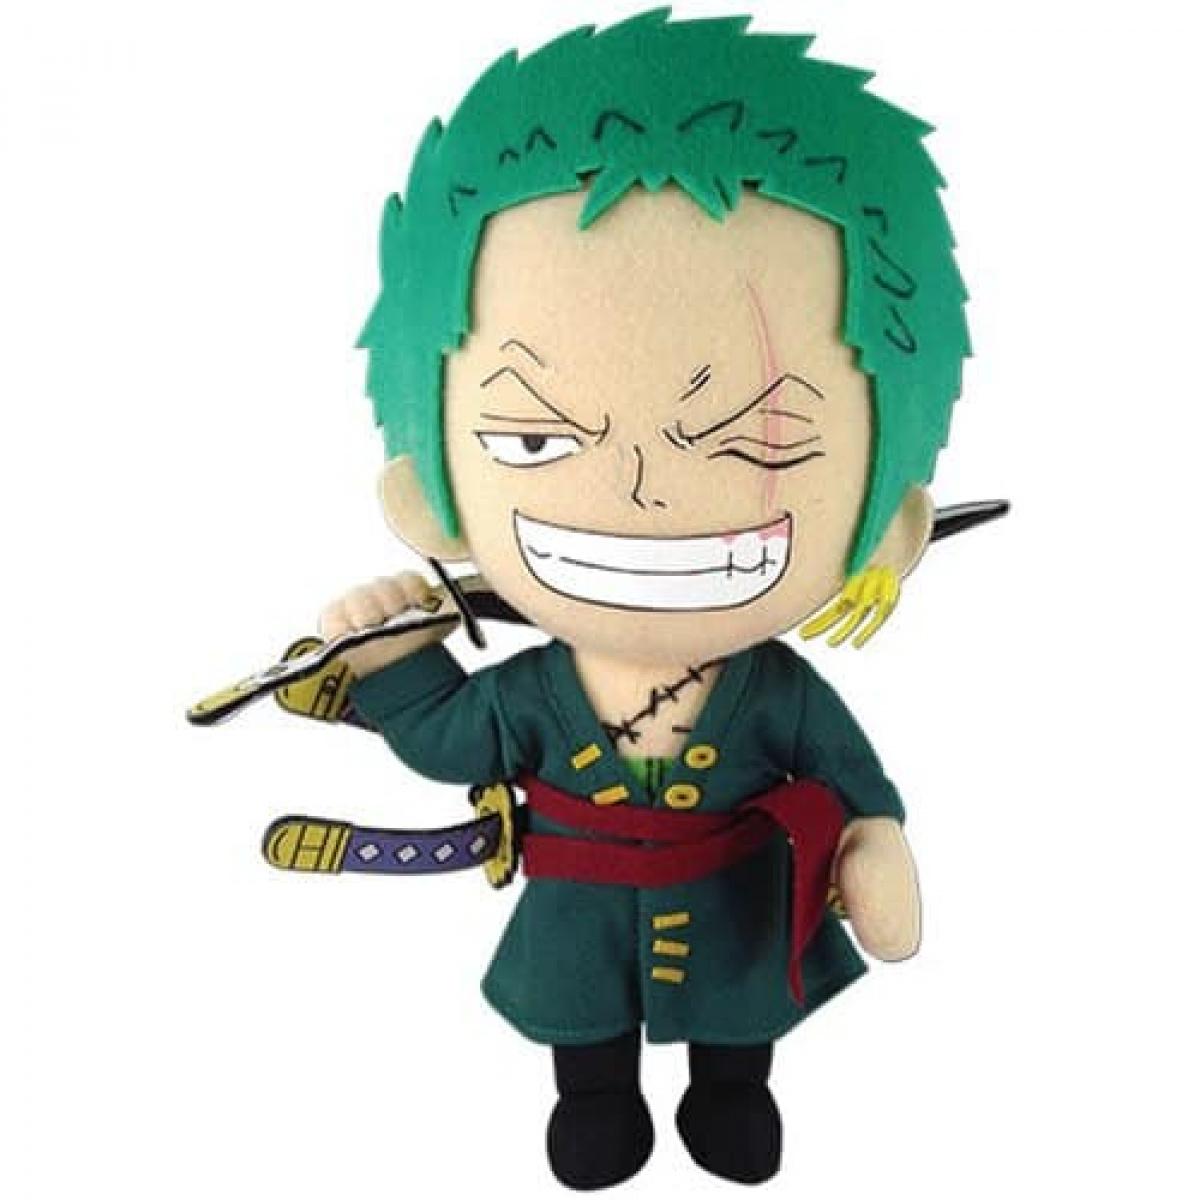 One Piece Zoro 8″ Plush Anime Plushies 4